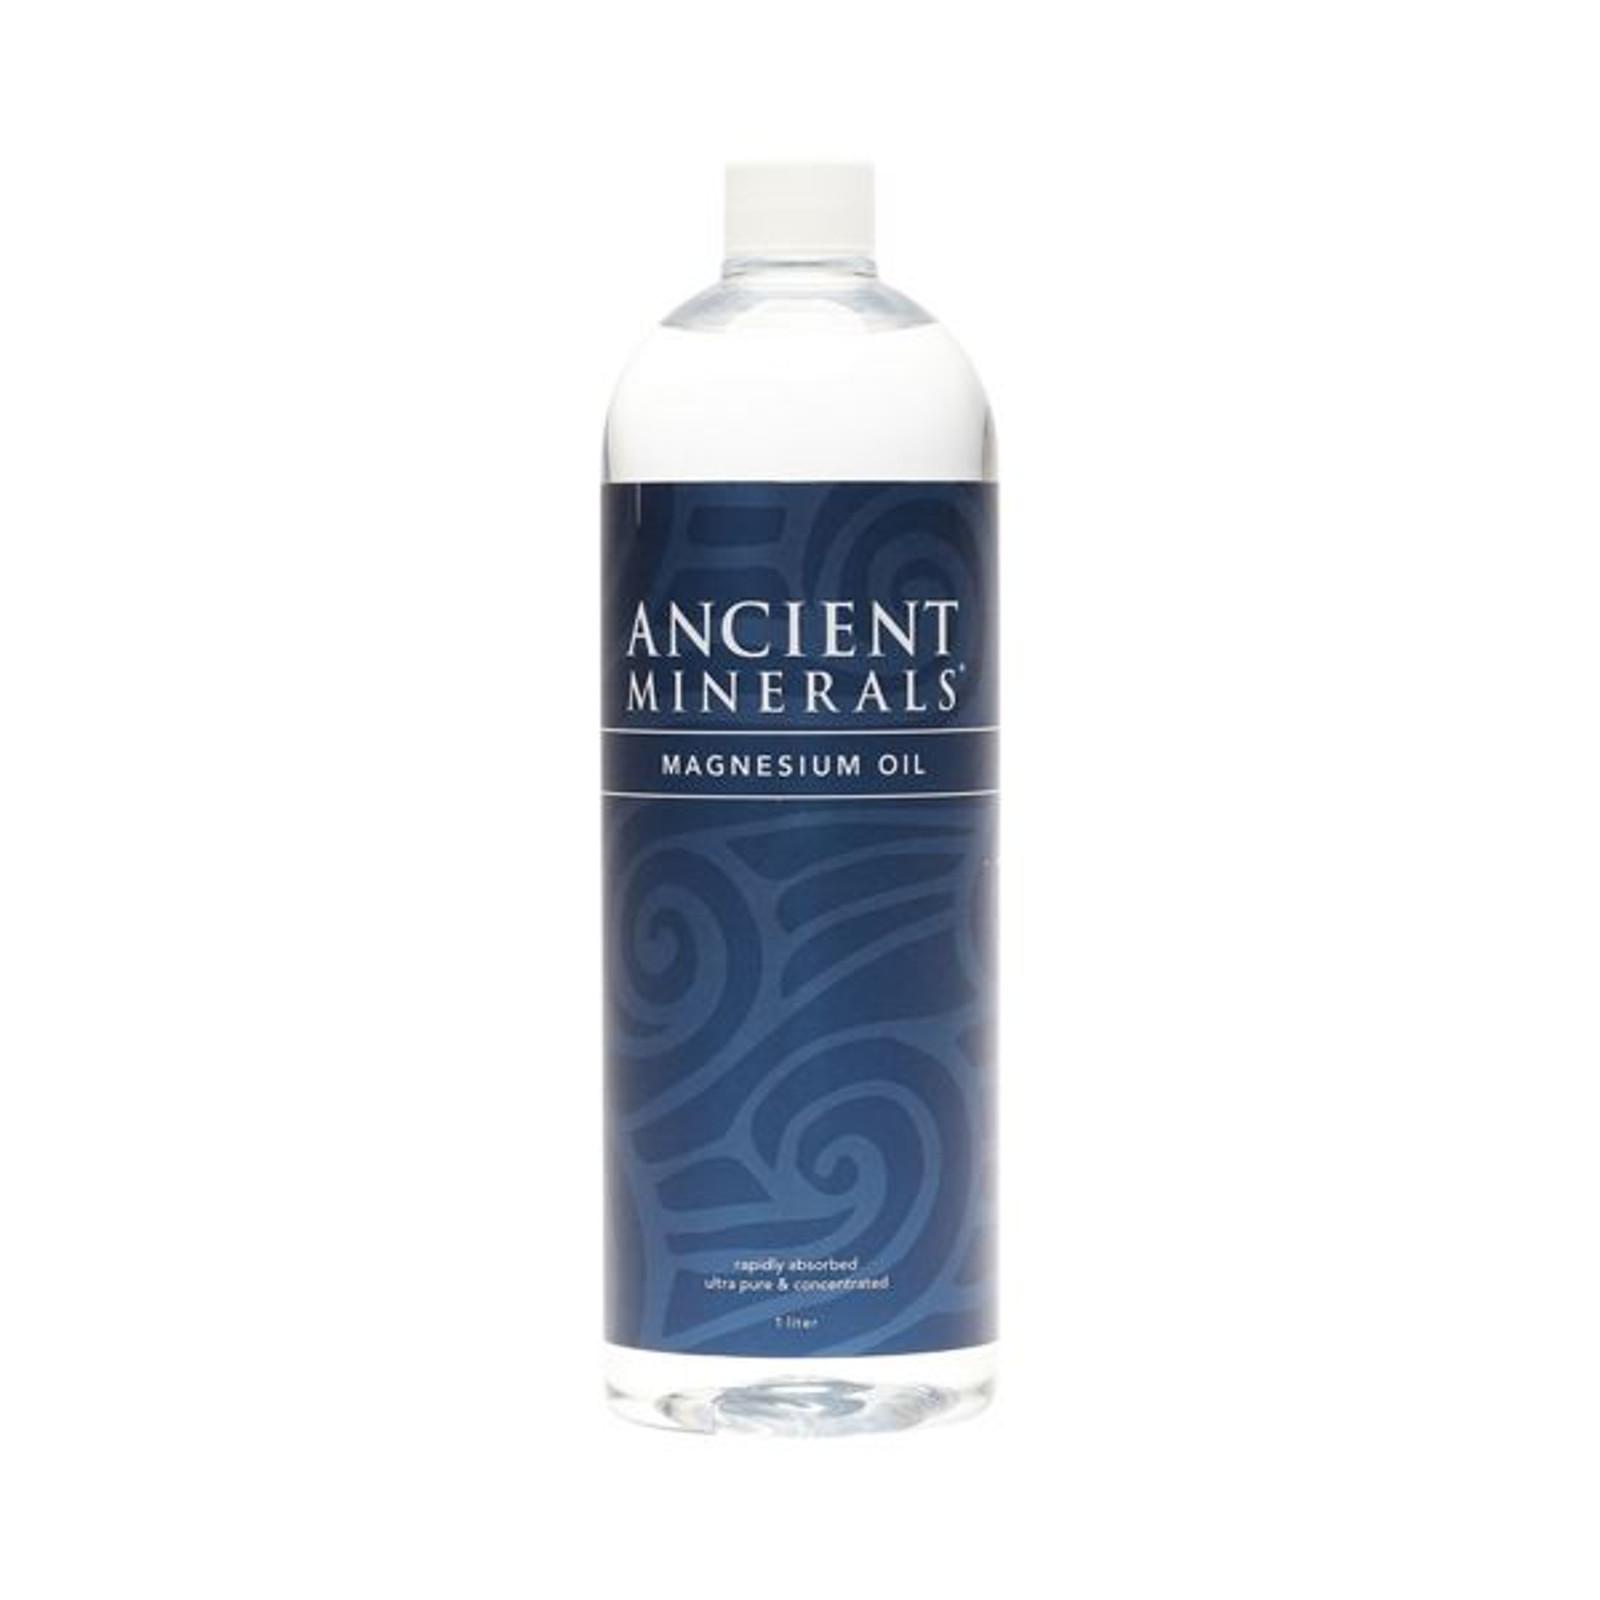 Ancient Minerals Magnesium Oil, 33.8 oz